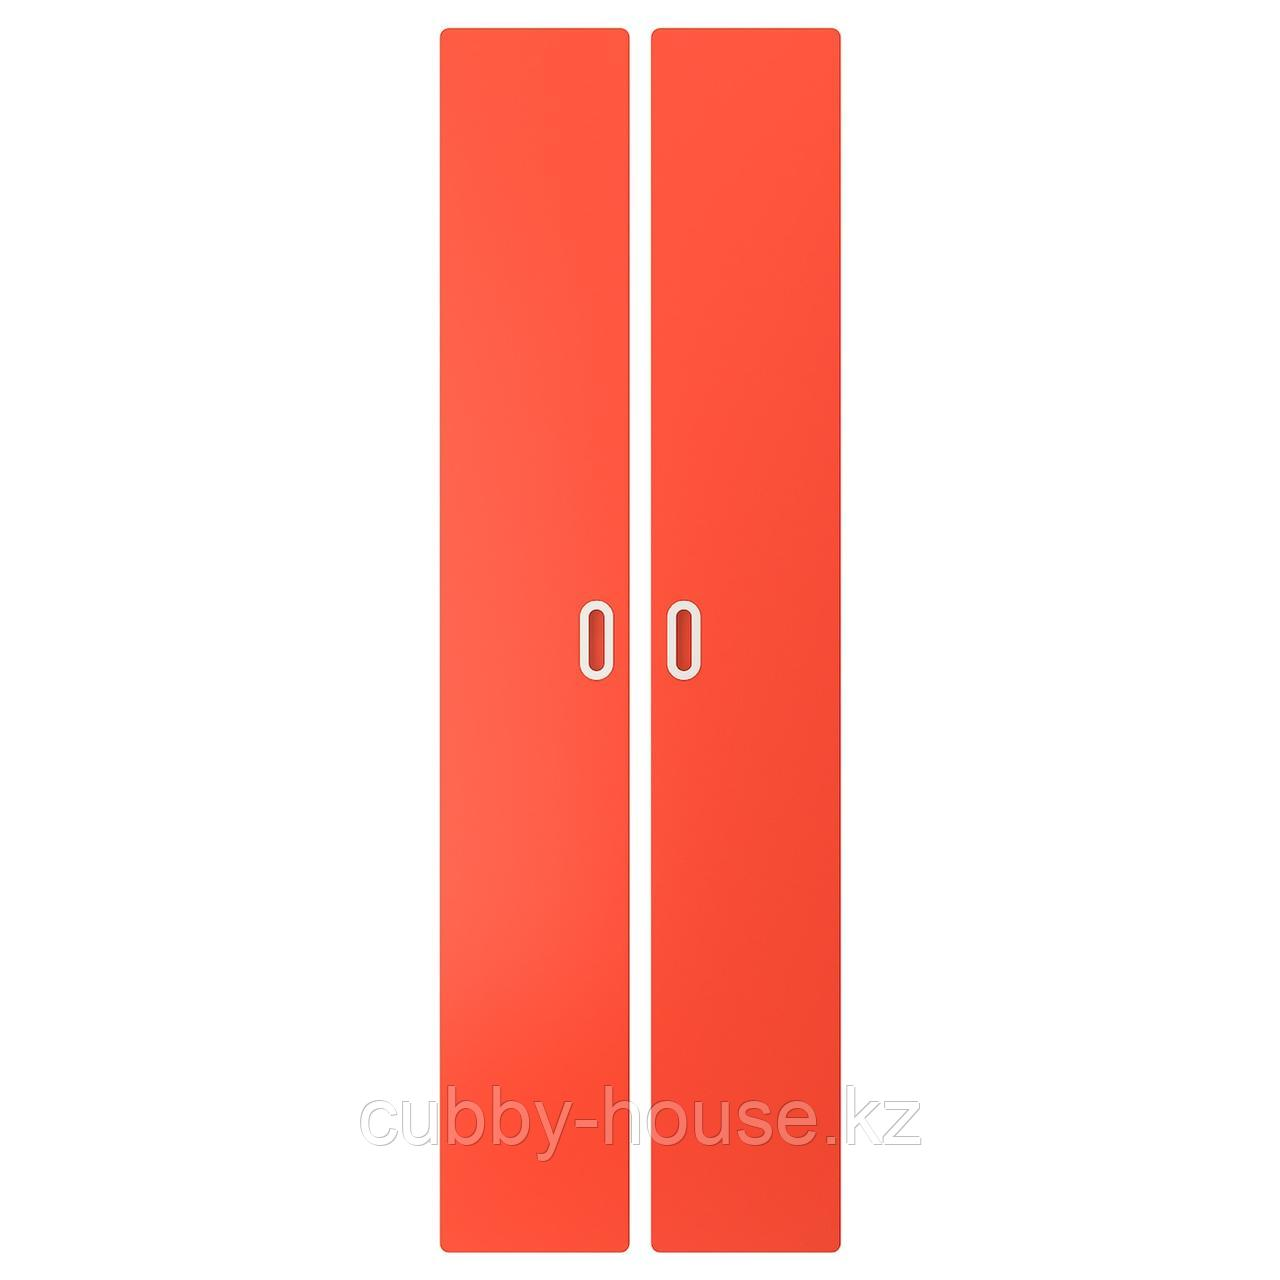 ФРИТИДС Дверь, красный, 60x192 см 2 шт